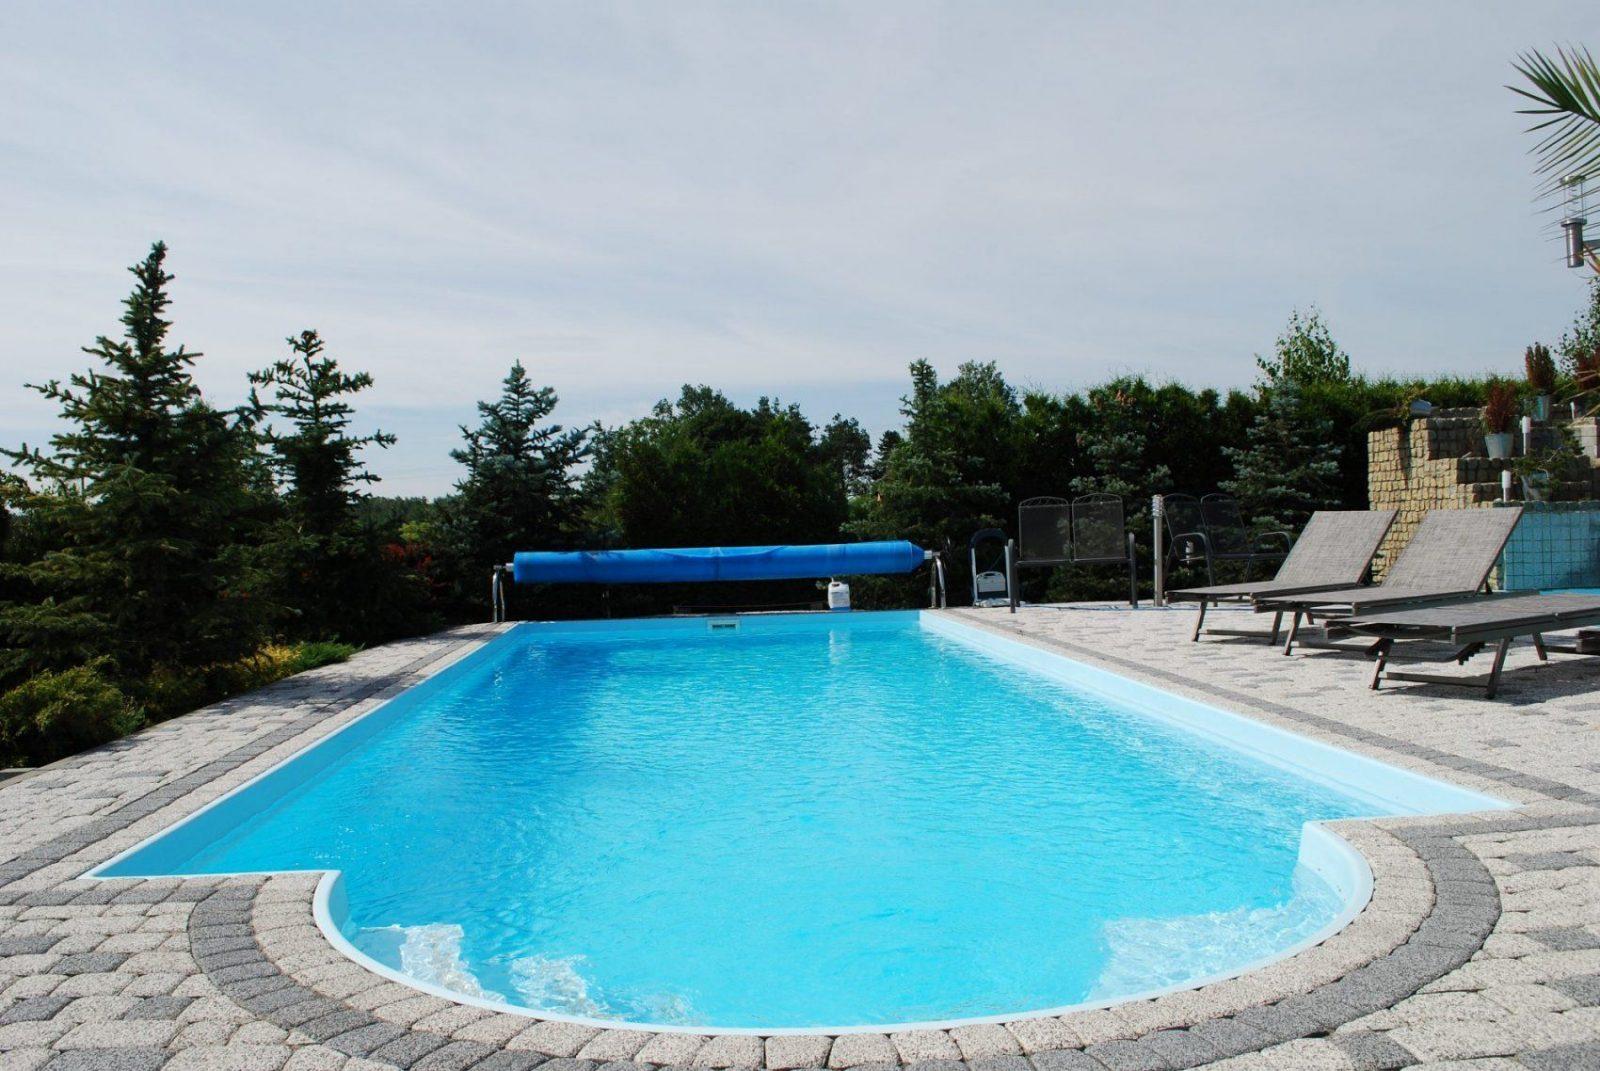 Gfk Schwimmbecken Aus Polen  Gfk Pool  Starpool von Pool Aus Polen Kaufen Photo